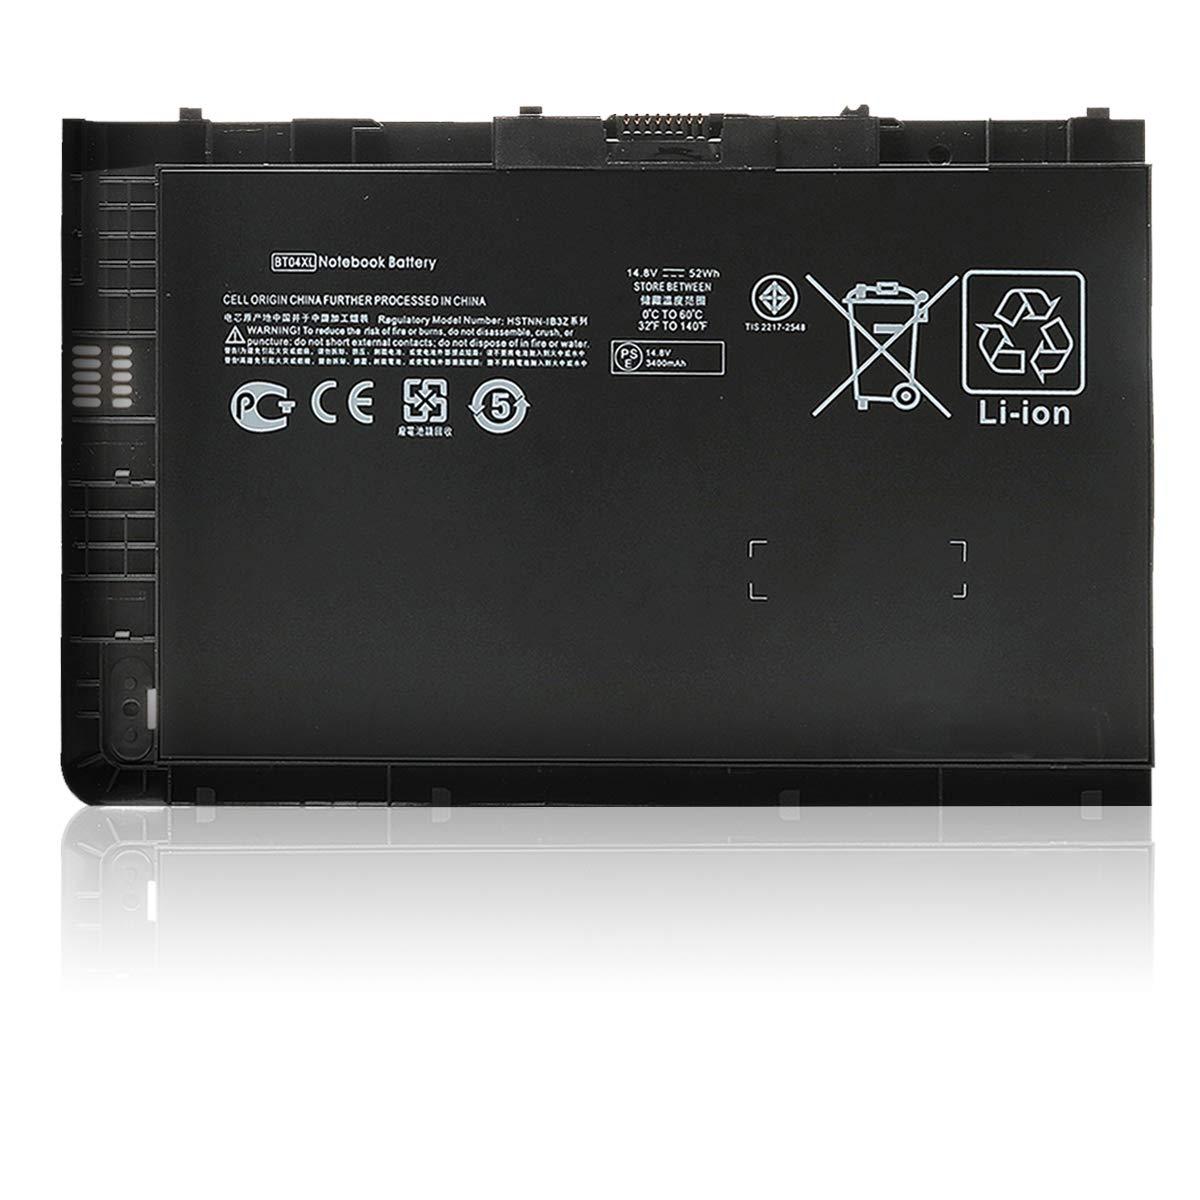 Bateria Bt04 Bt04xl Para Hp Elitebook Folio 9470 9470m Series Ba06 Ba06xl 687945-001 696621-001 H4q47aa H4q48aa Hstnn-i1